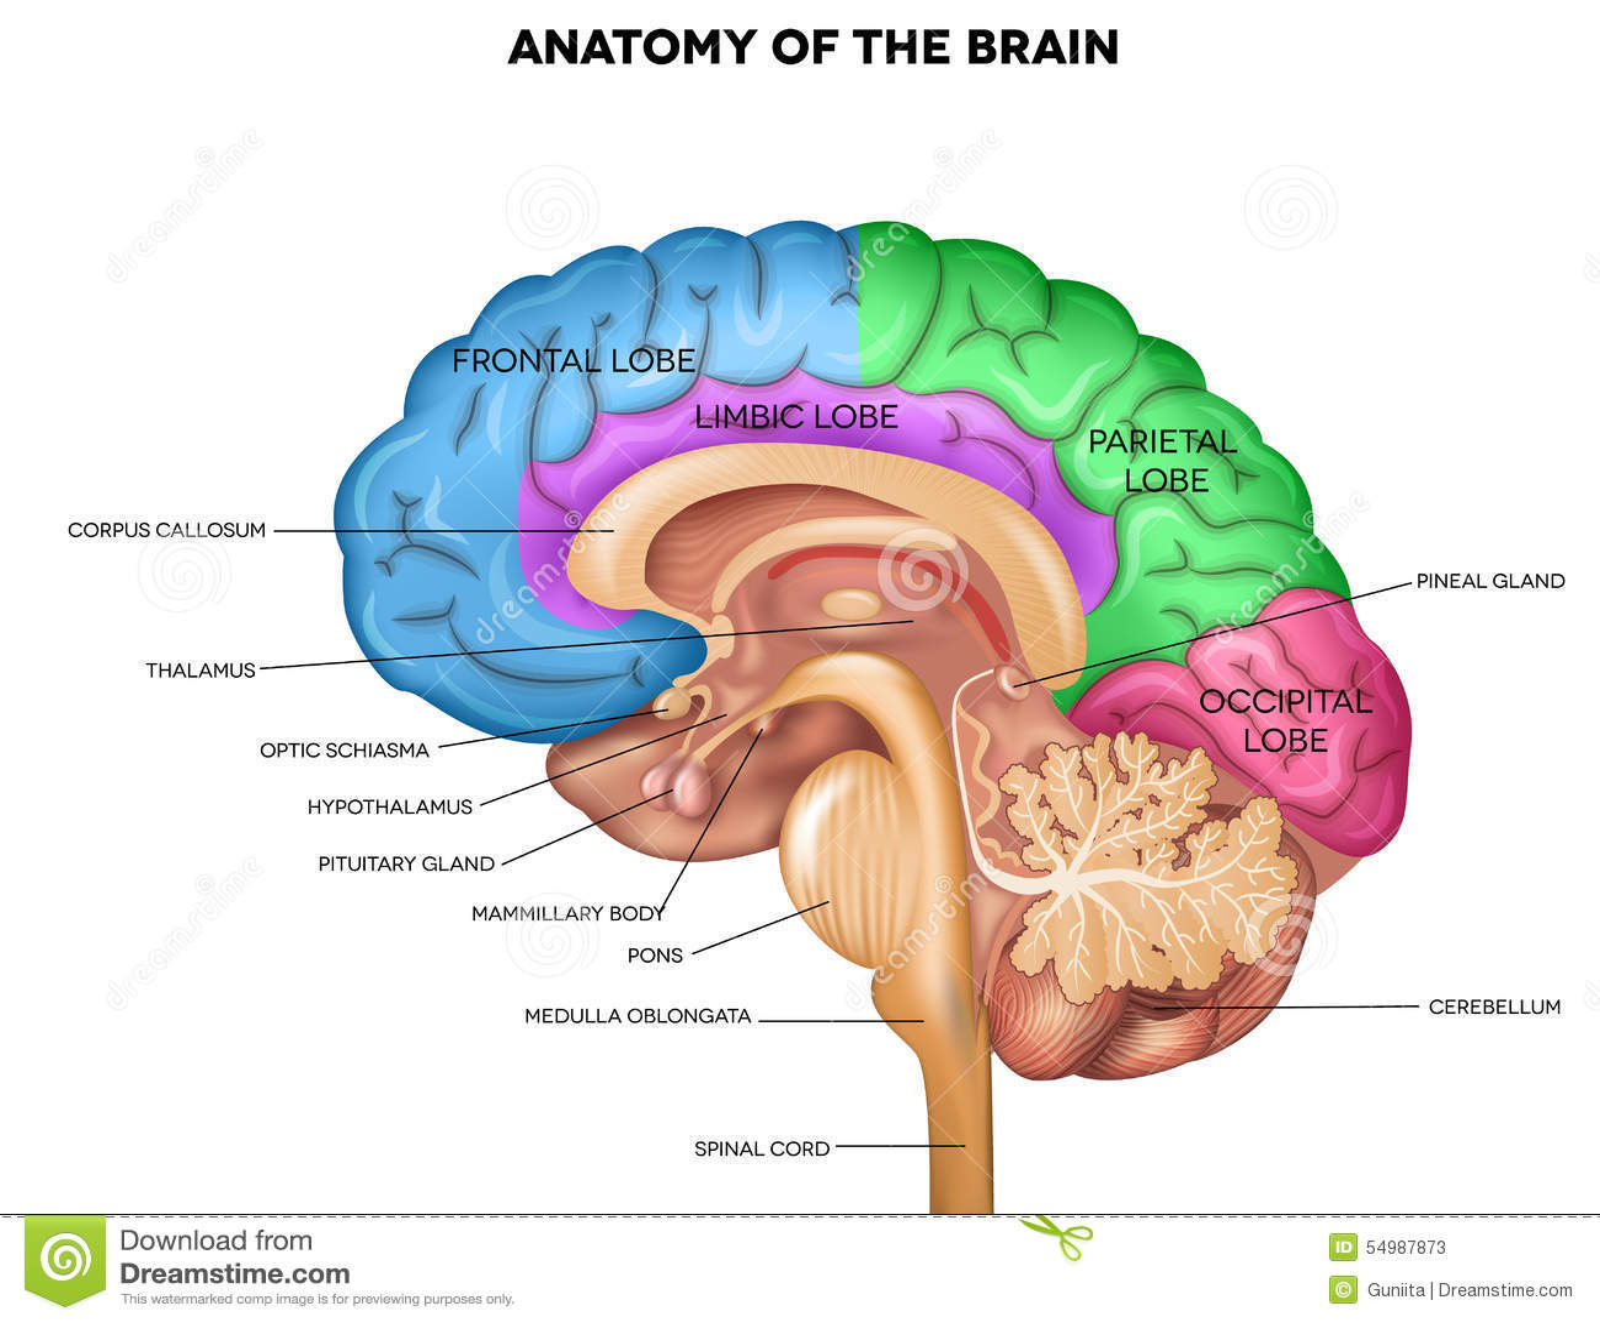 Människa Brain Anatomy